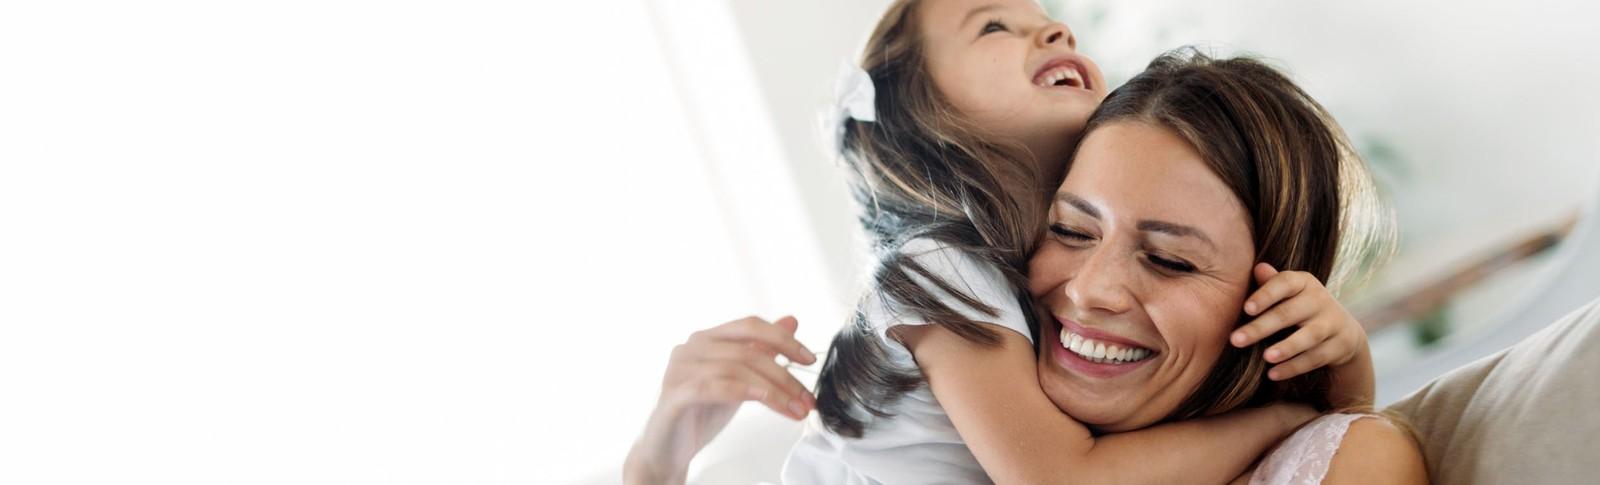 Frau genießt die Zeit mit ihrer Tochter nach einem Mommy Makeover in den Moser Kliniken